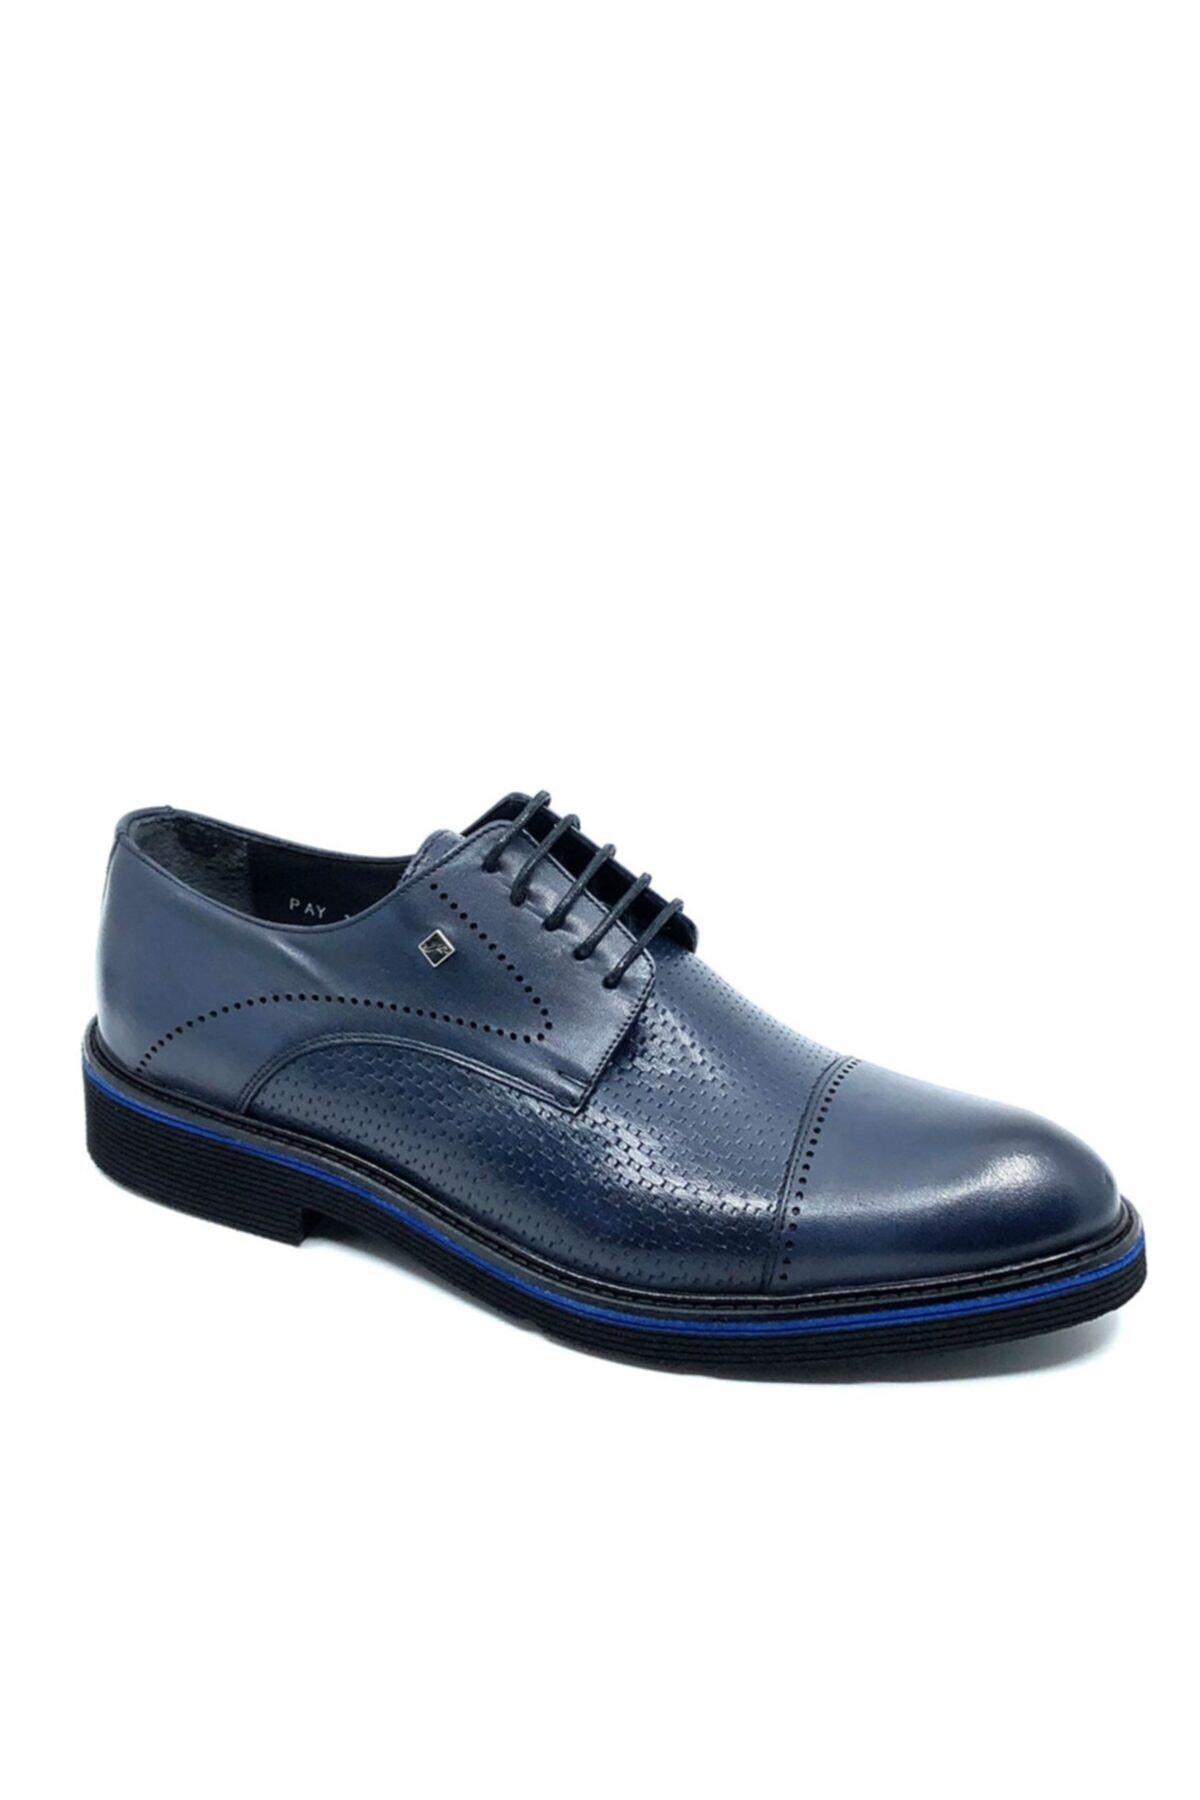 Fosco Mavi Günlük Erkek Ayakkabı 1060 158 1